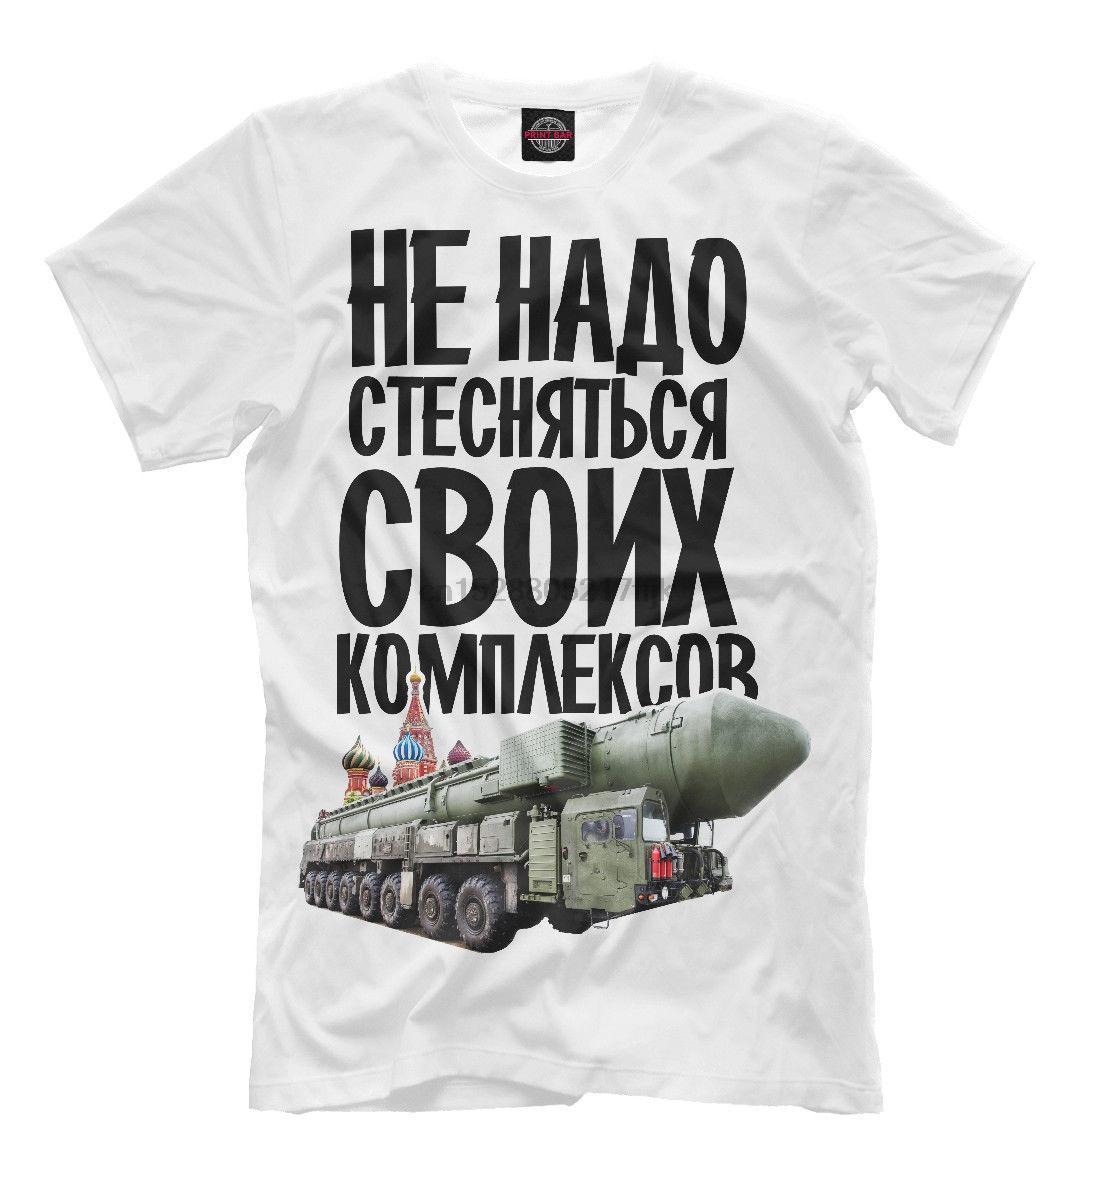 2020 Summe Hip Pop Komik Tişört Yaz Tee Gömlek Homme Tüm Rusya Yeni Tişört Rusya Moskova Sembolizm Ornamentband Gömlek